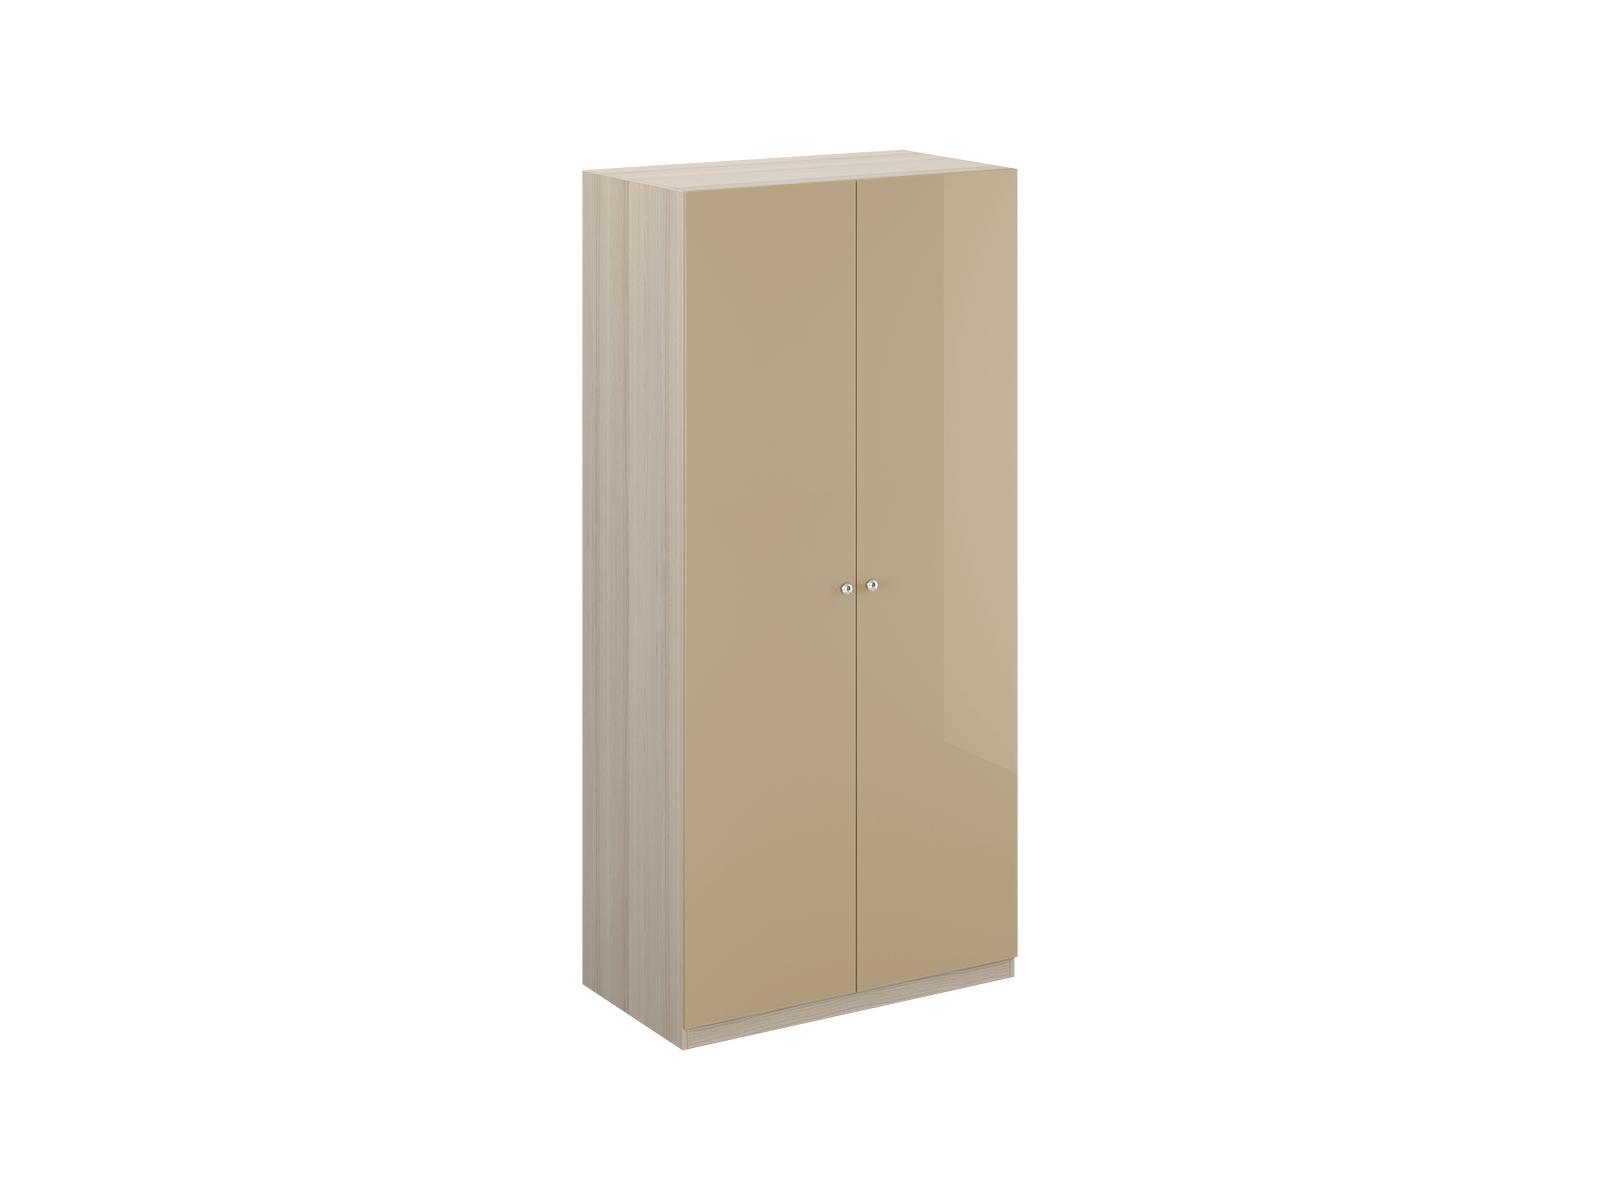 Шкаф Uno Ш2зПлатяные шкафы<br>Шкаф двухдверный с одной стационарной верхней и одной съемной нижней полками. На одной дверце шкафа с внутренней стороны расположено зеркало. Установлен на регулируемые опоры. Данную мебель рекомендуется крепить к стене. Ручки и внутренние элементы продаются отдельно.<br><br>Material: ДСП<br>Ширина см: 110<br>Высота см: 233<br>Глубина см: 60